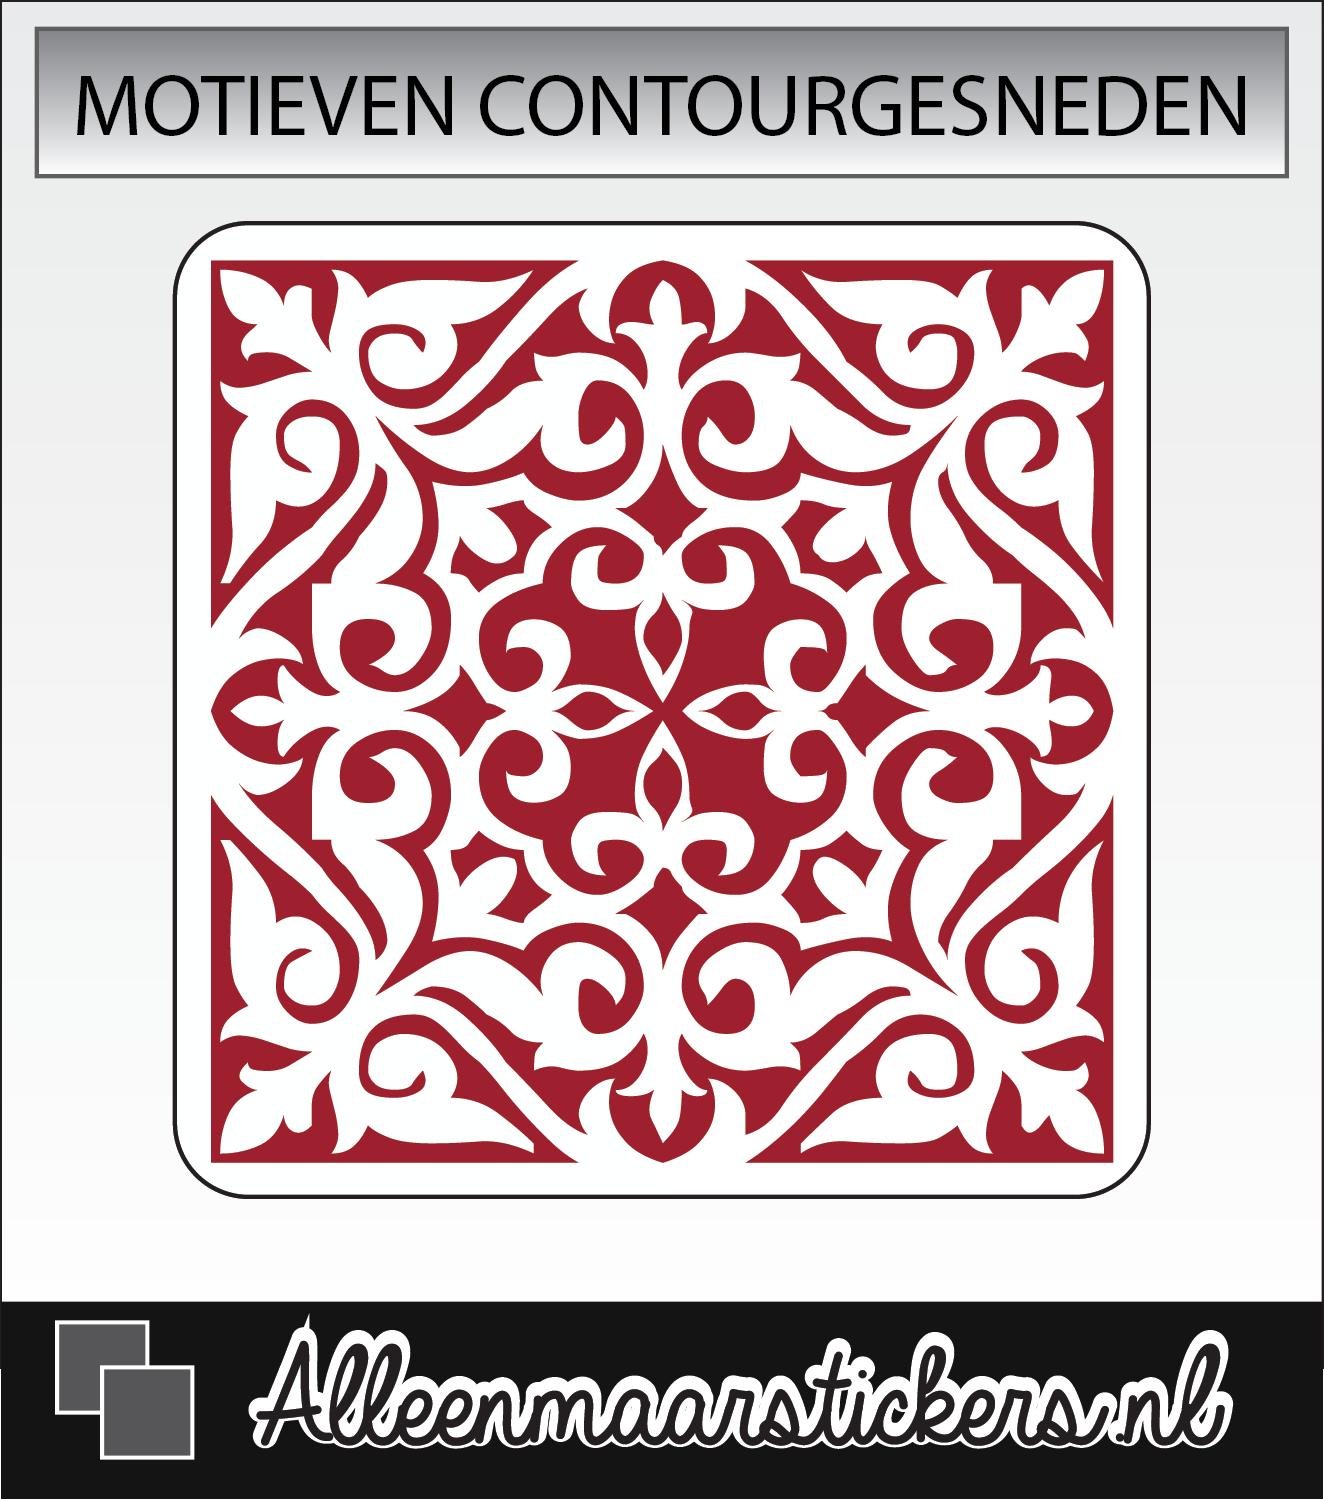 Tegelstickers motieven - alleenmaarstickers.nl